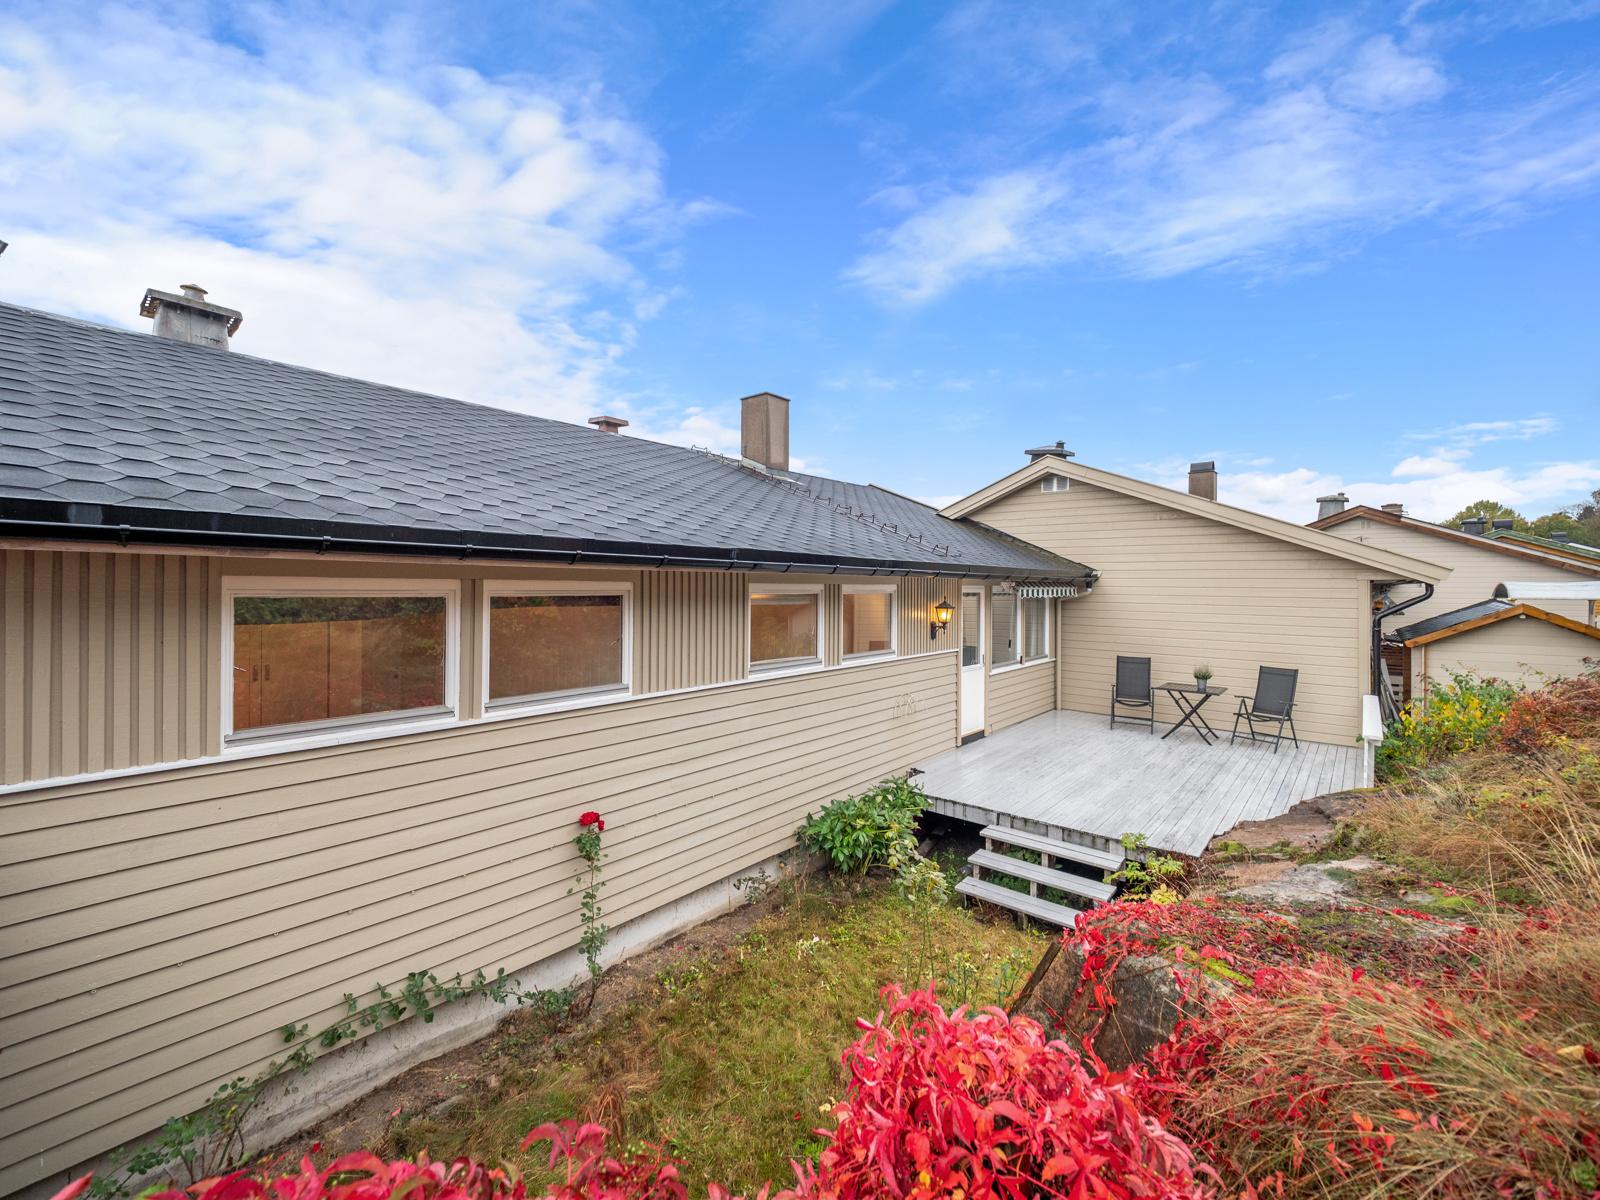 Tomt og terrasse på baksiden av huset.